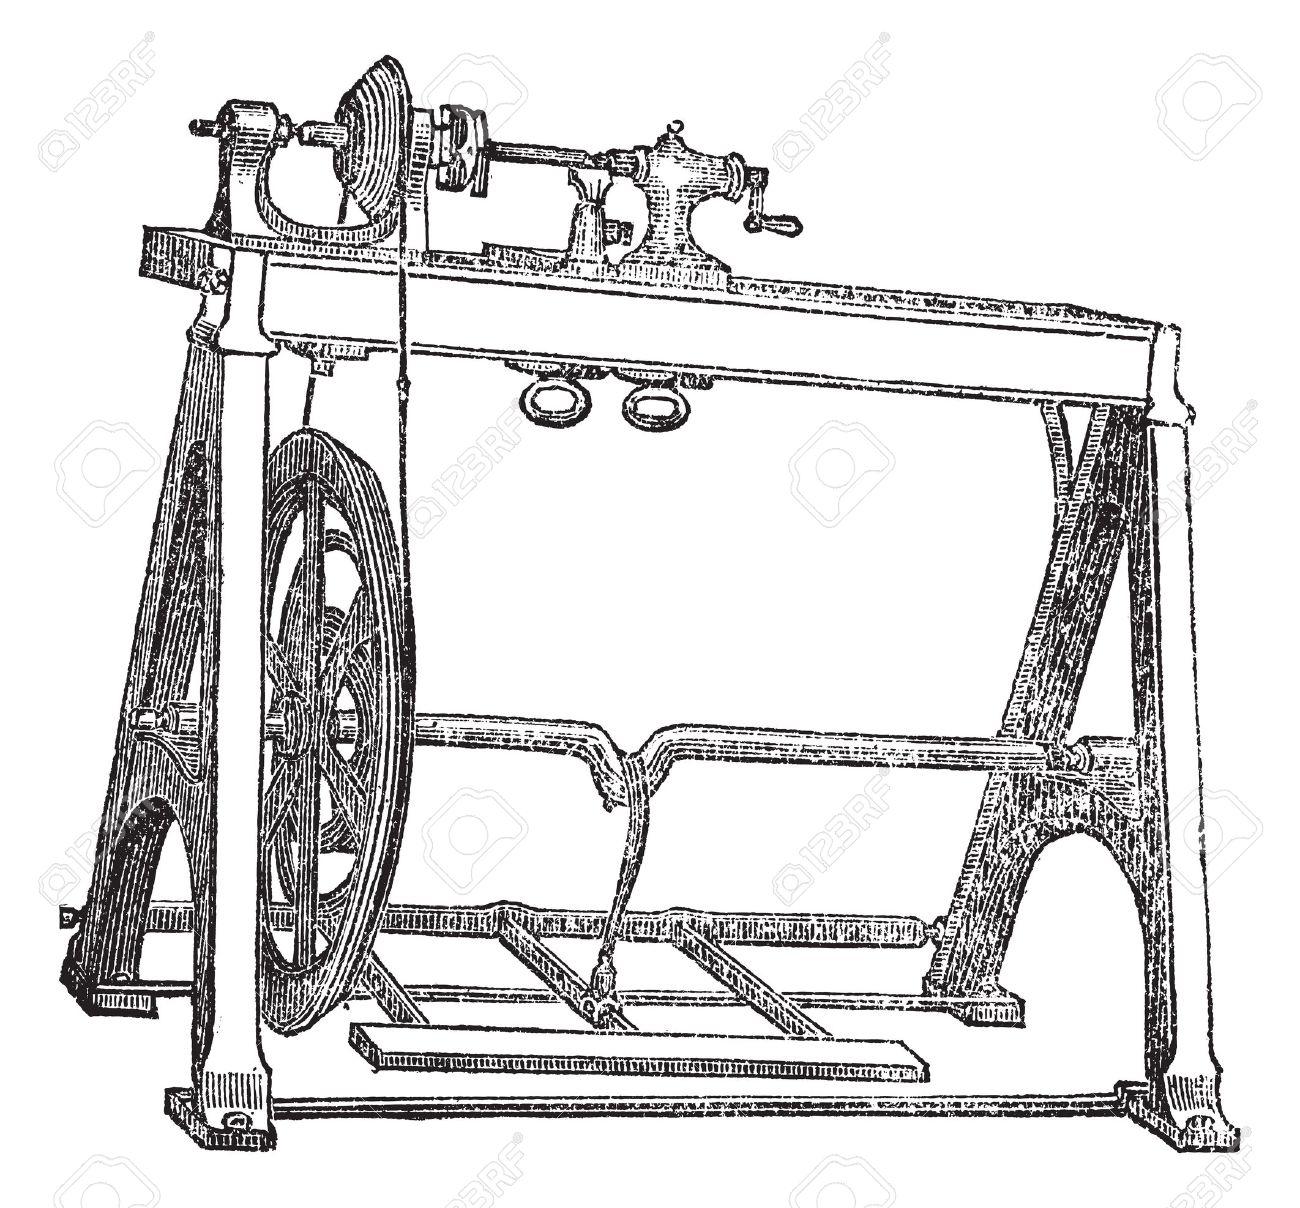 Spindle Lathe Woodturning Machine, Vintage Engraved Illustration.